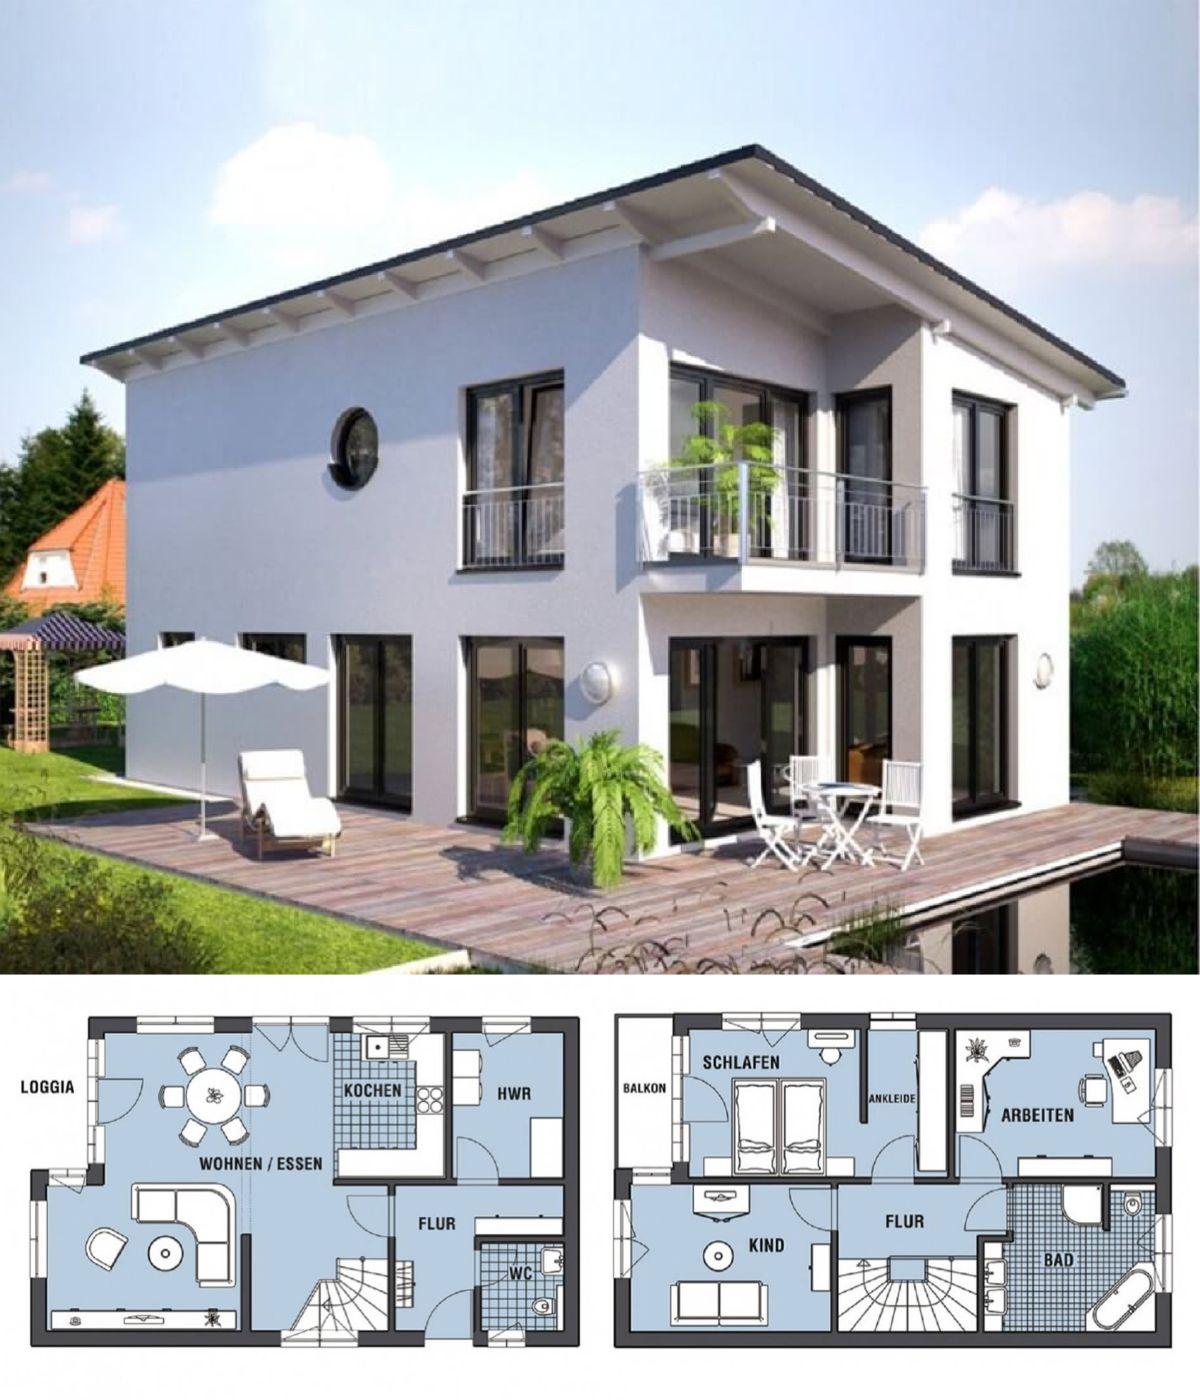 Einfamilienhaus neubau modern mit pultdach architektur for Einfamilienhaus modern grundriss